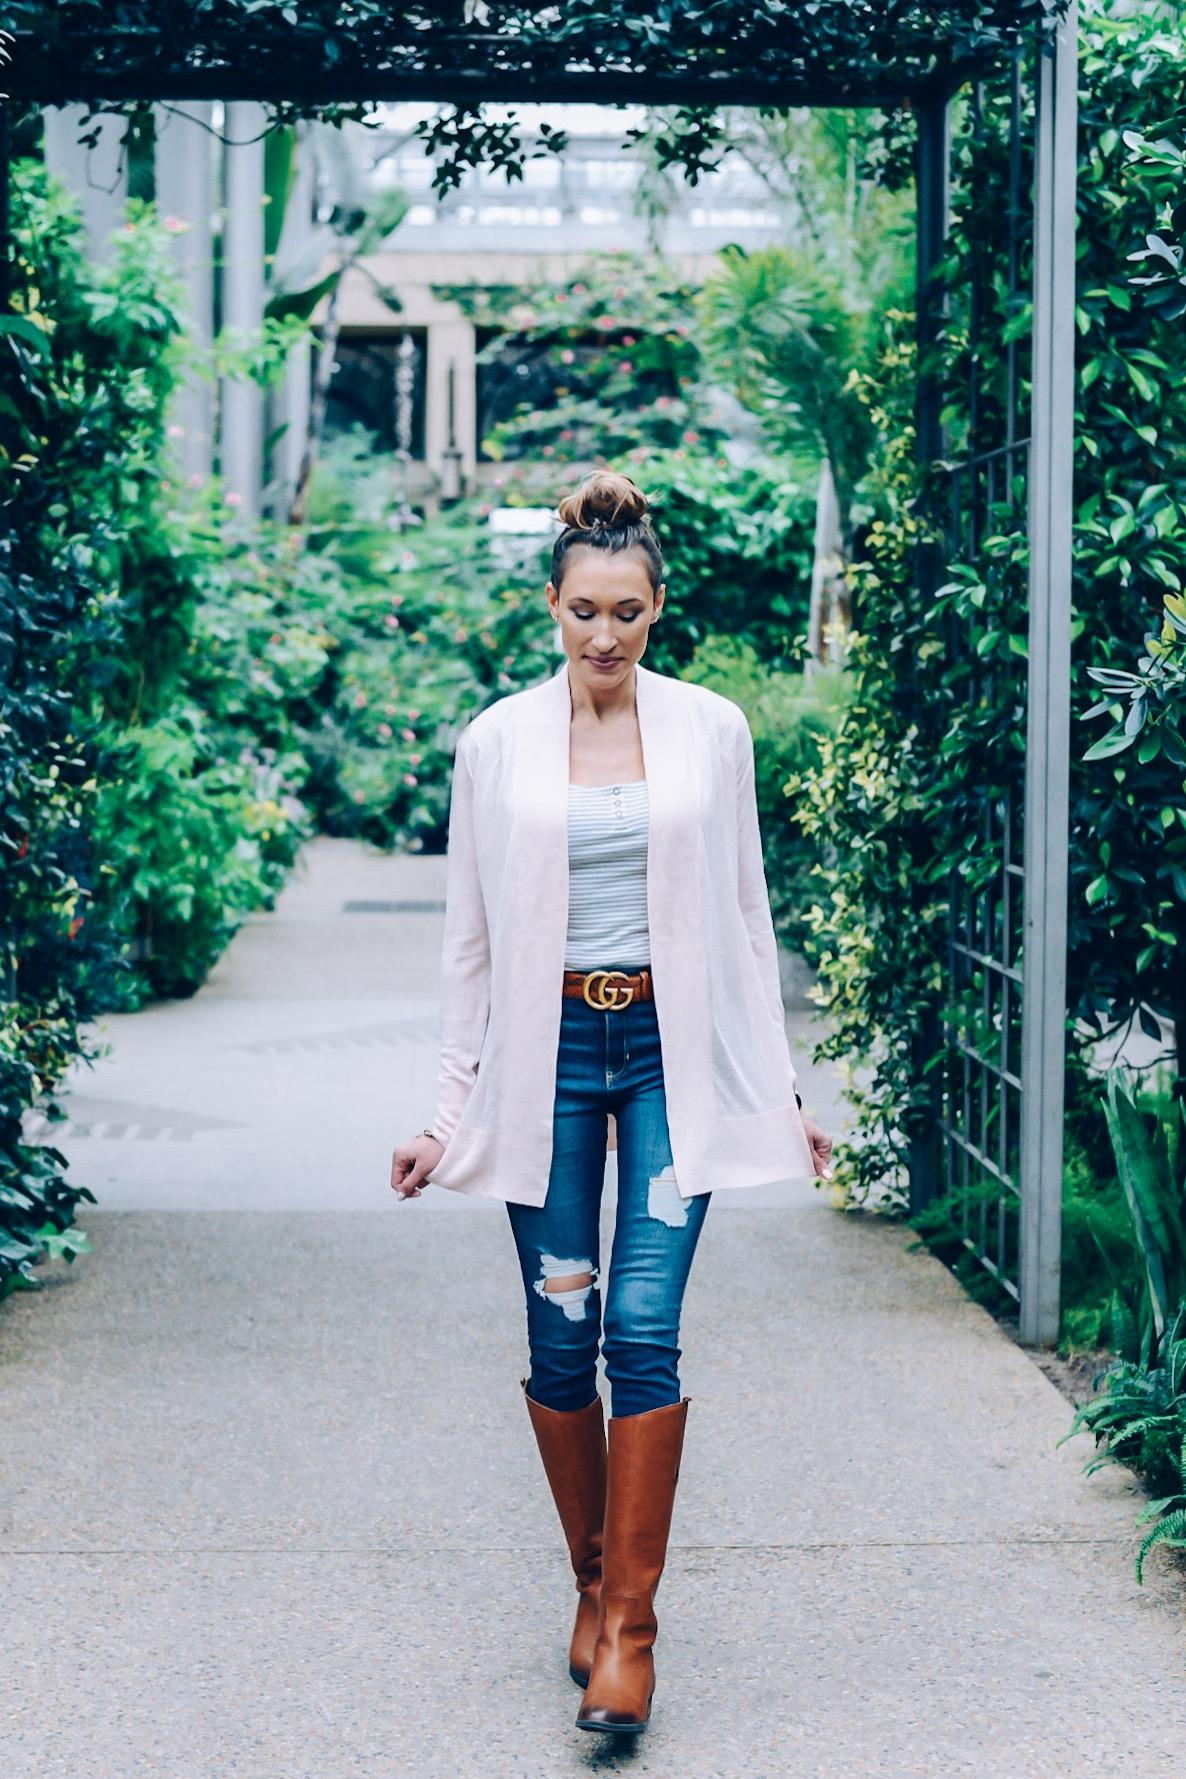 ea507b4148 10 Ways to Wear the LuLaRoe Carly Dress - Instinctively en Vogue